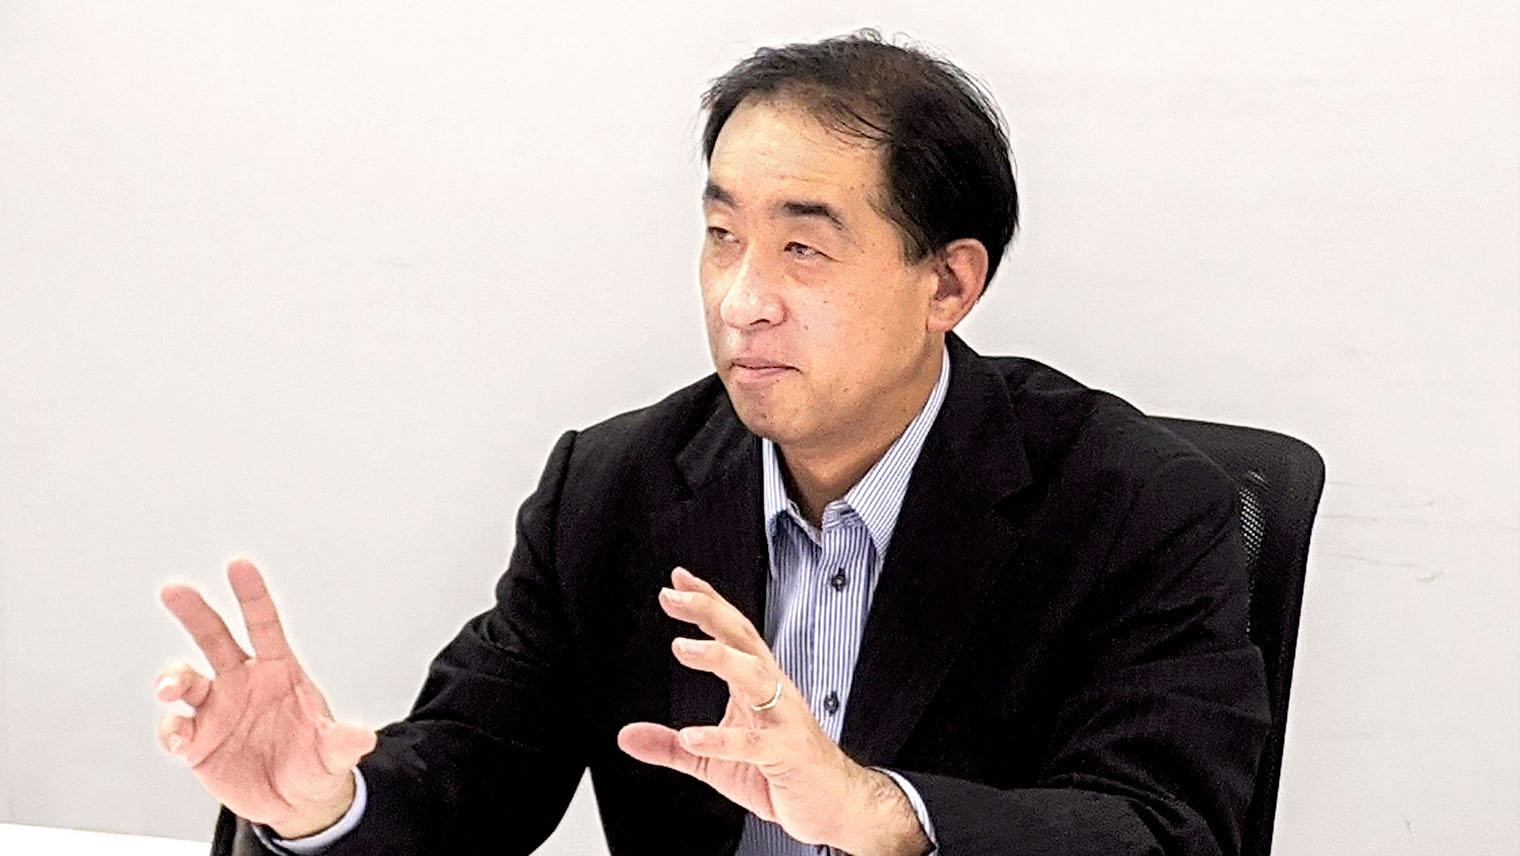 佐部 浩太郎さん エアロセンス株式会社 代表取締役 社長